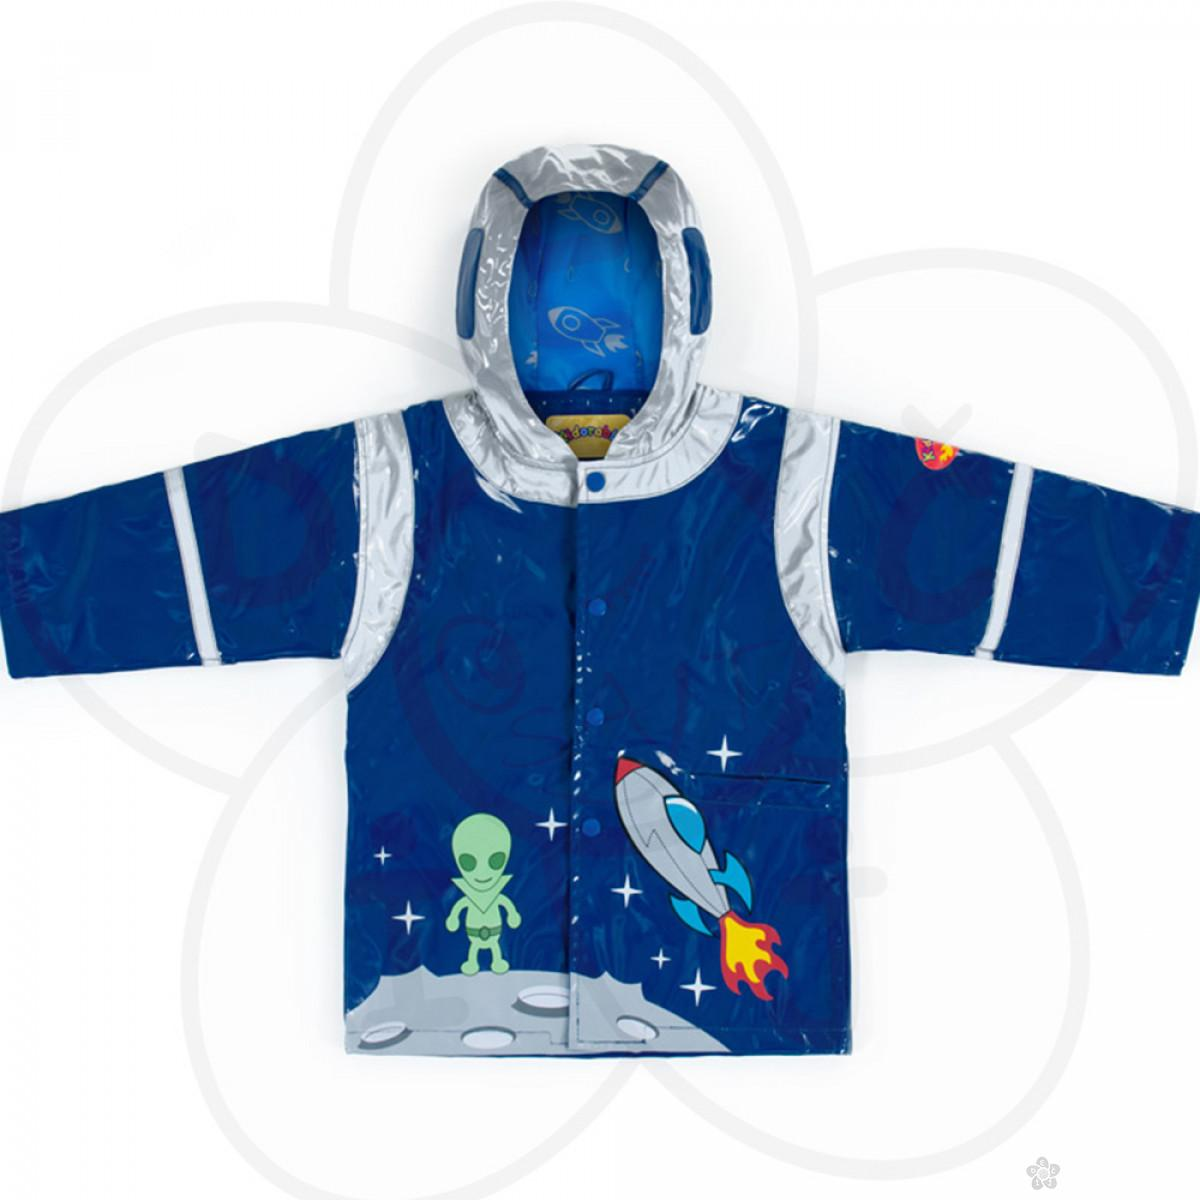 Kidorable kabanica - Astronaut